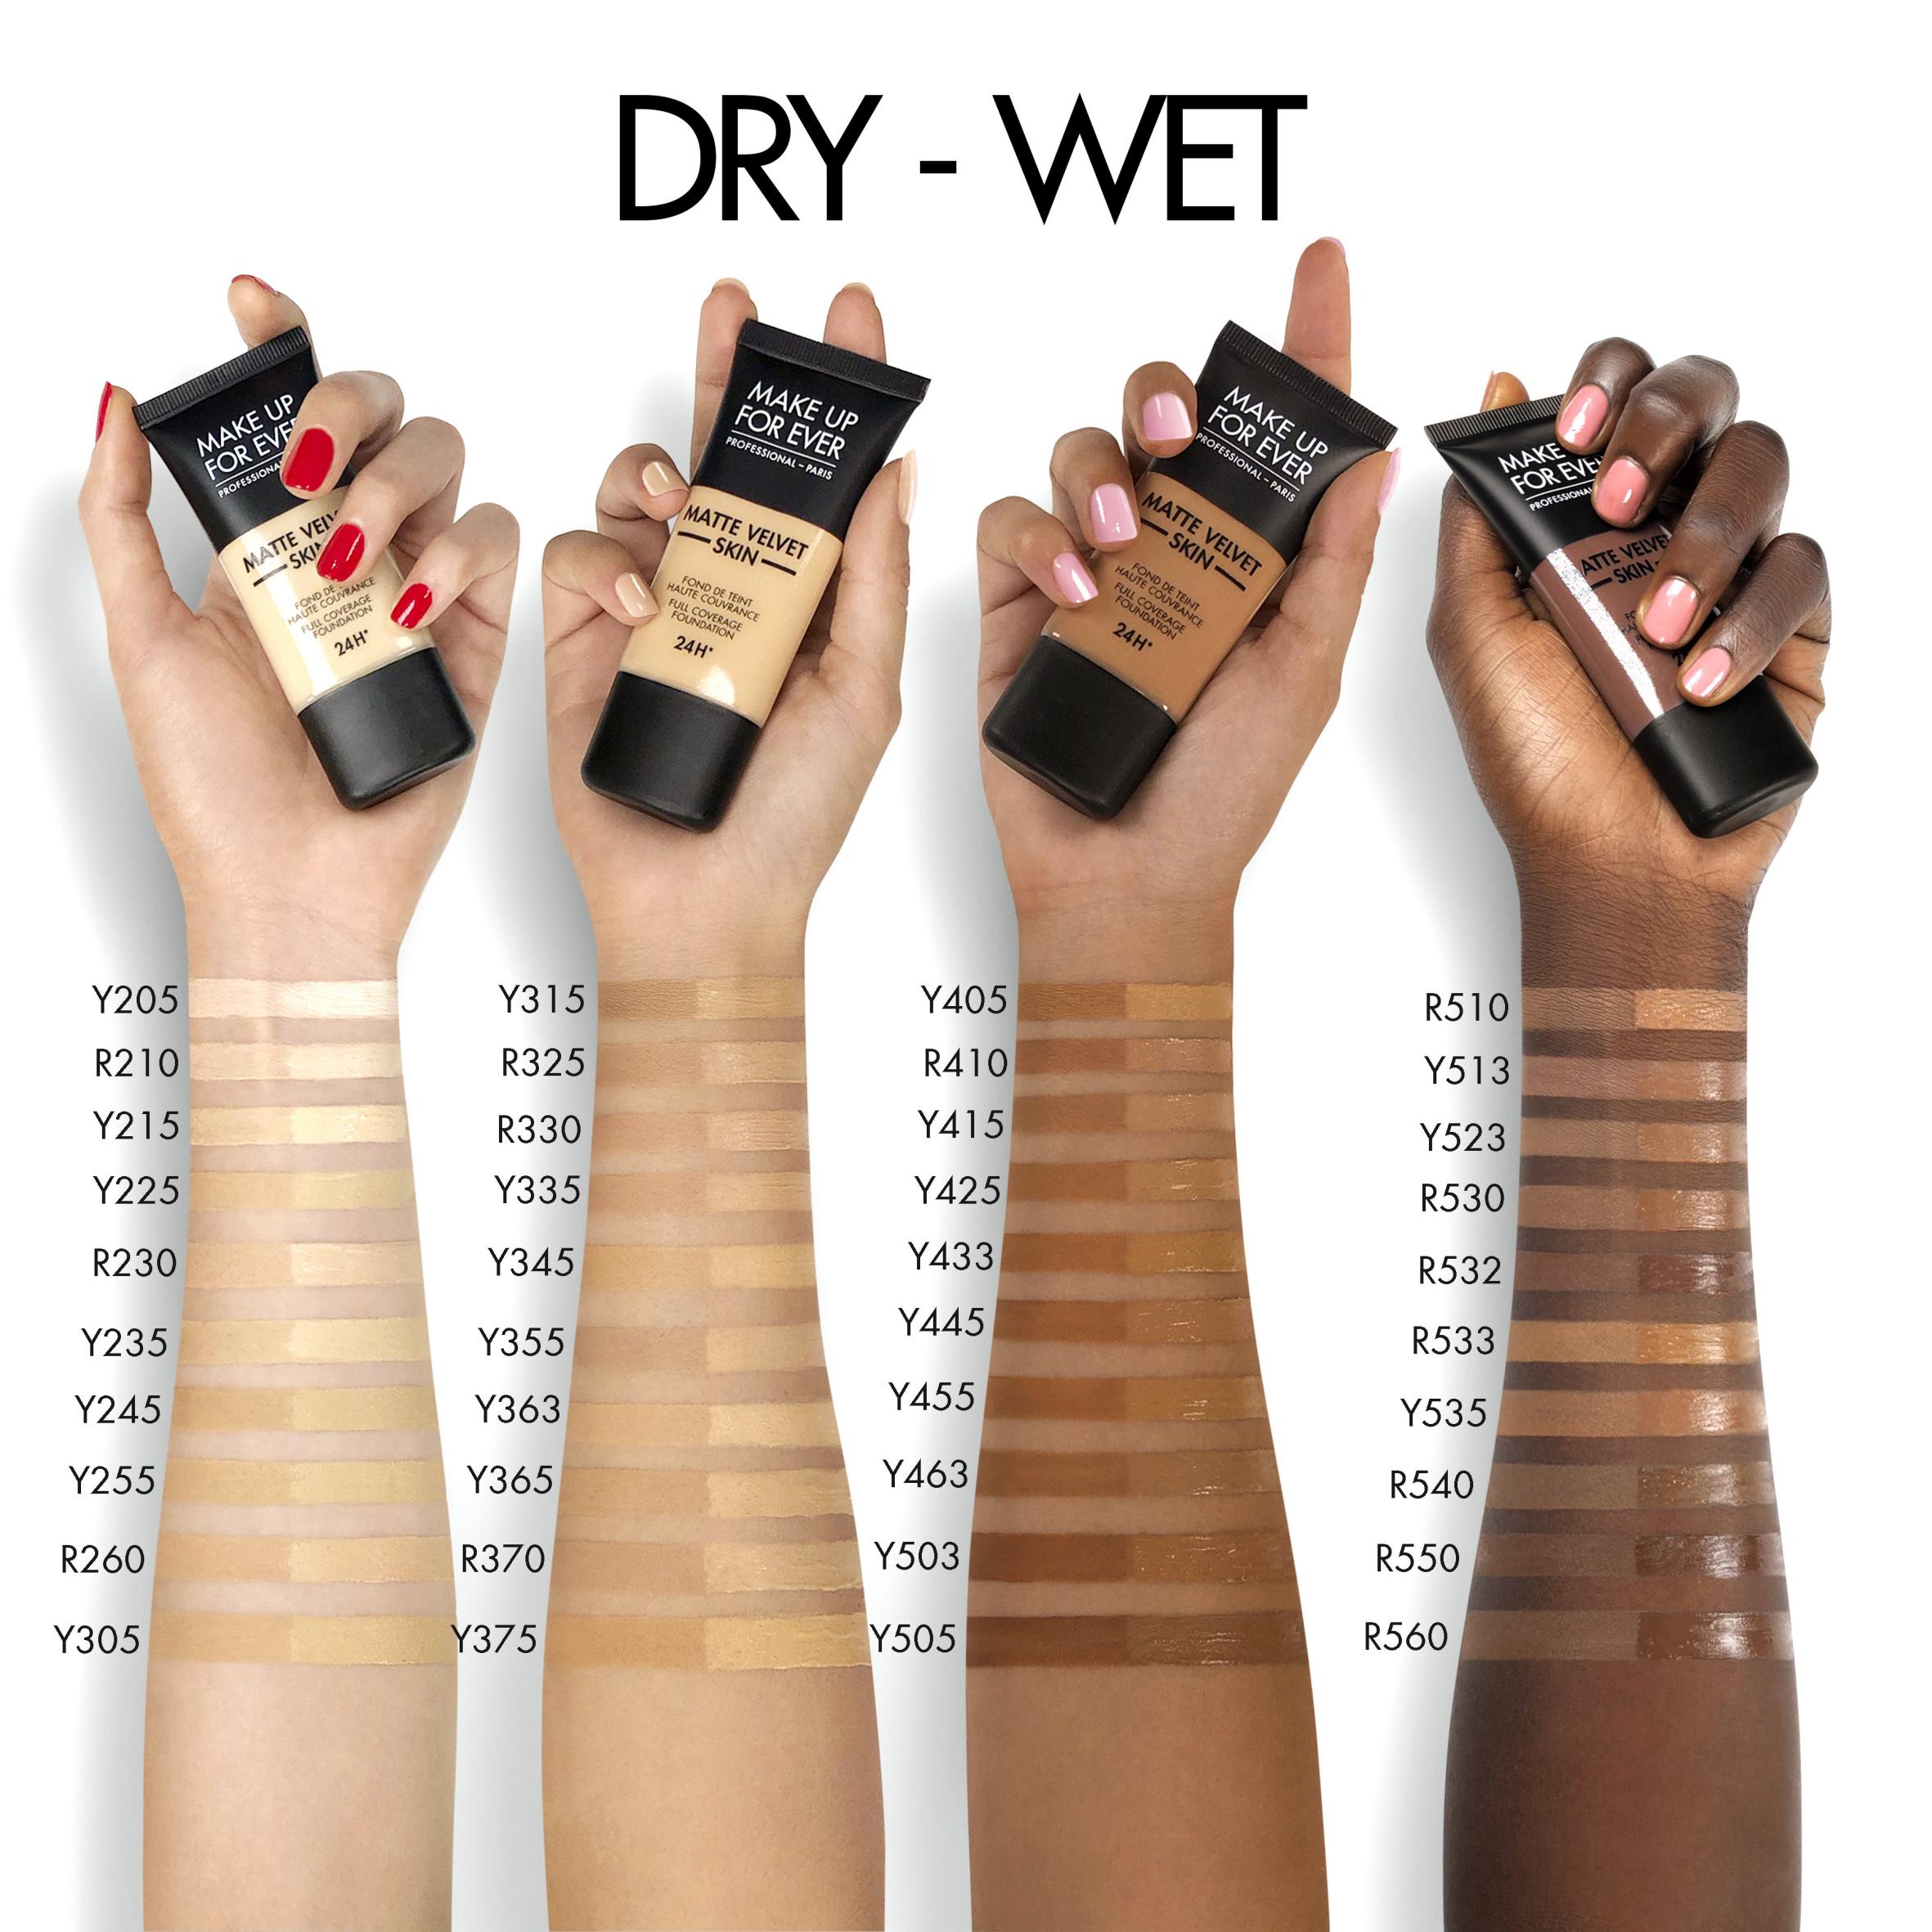 Matte Velvet Skin Fluid Foundation